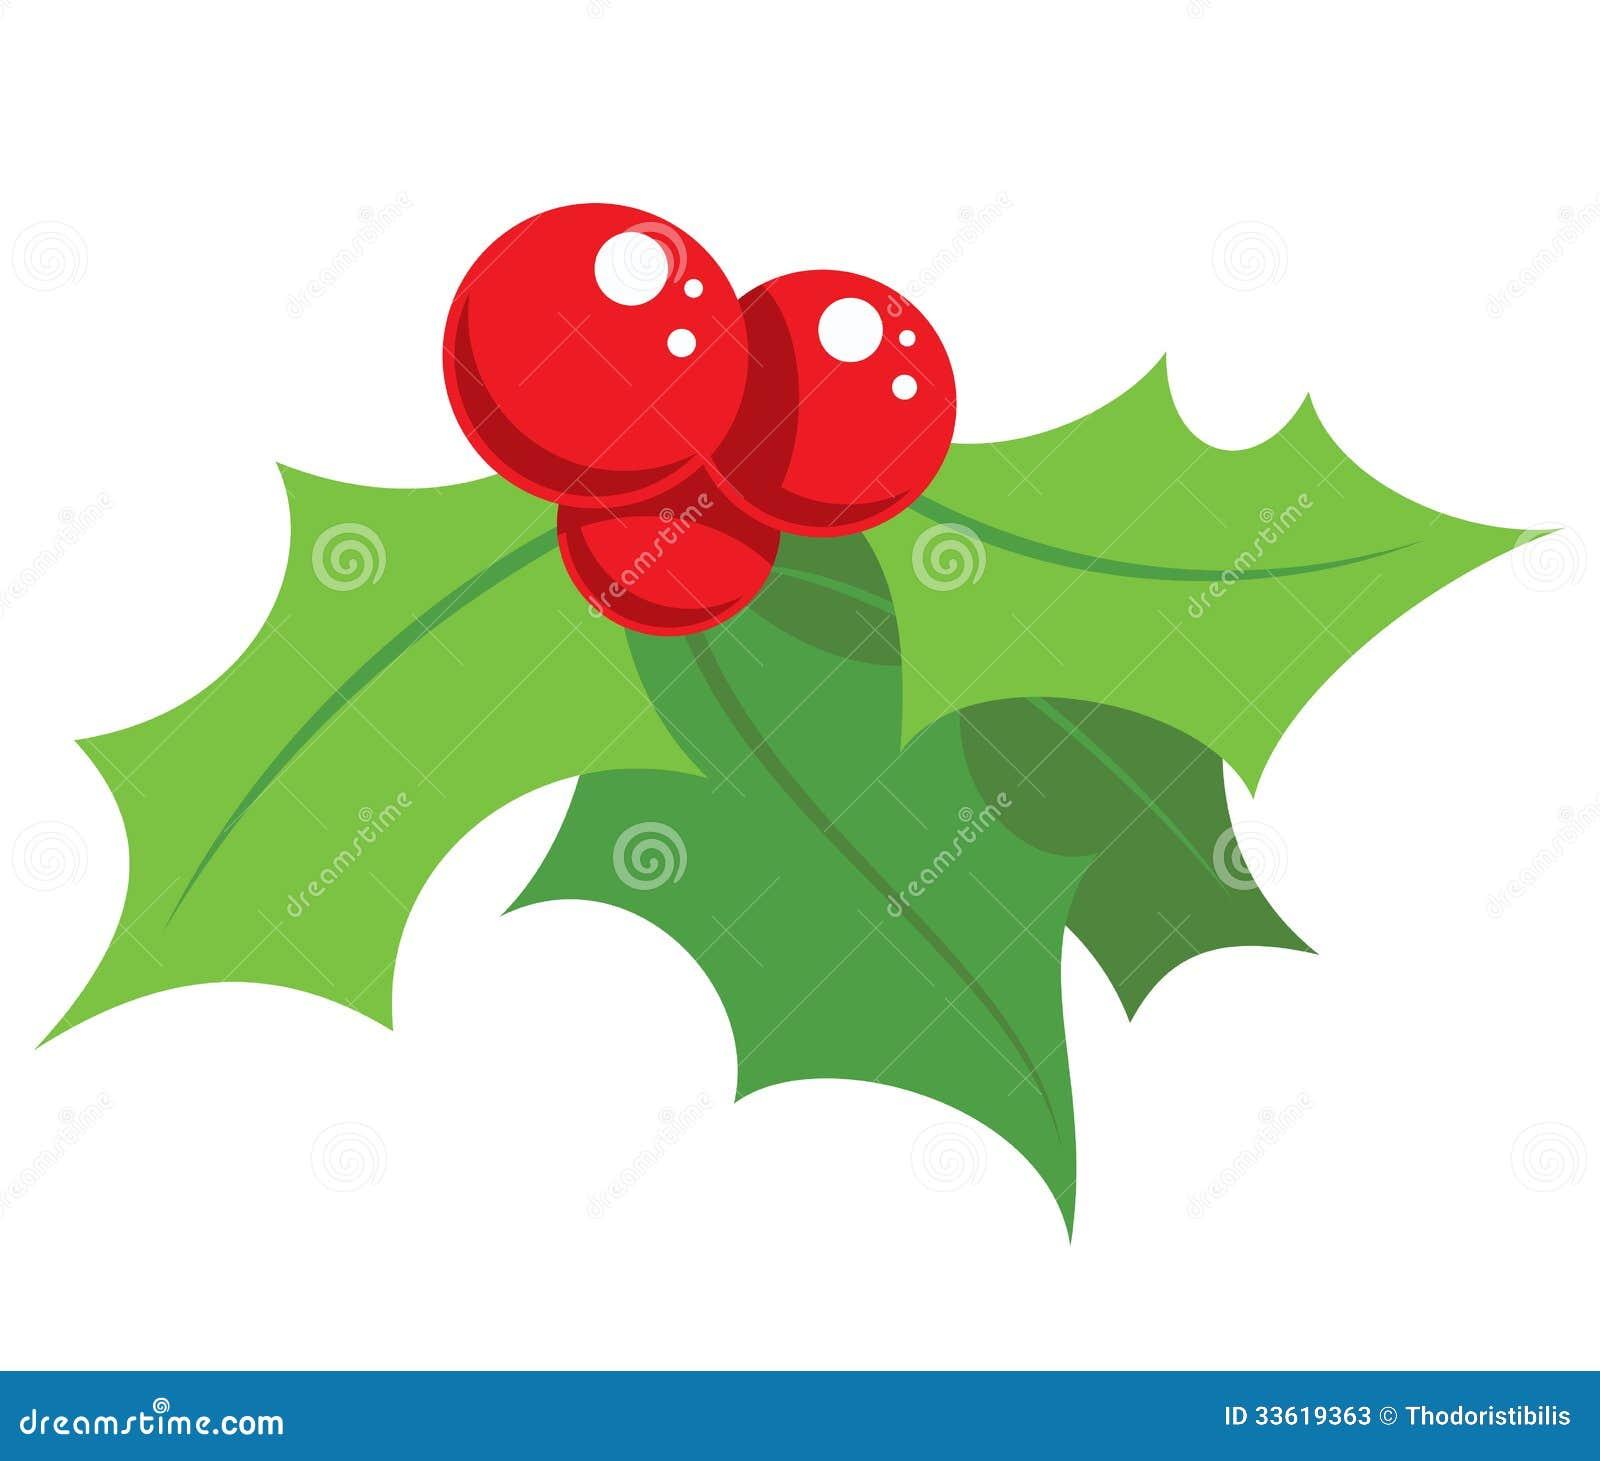 Mistletoe Stock Illustrations – 8,538 Mistletoe Stock ...